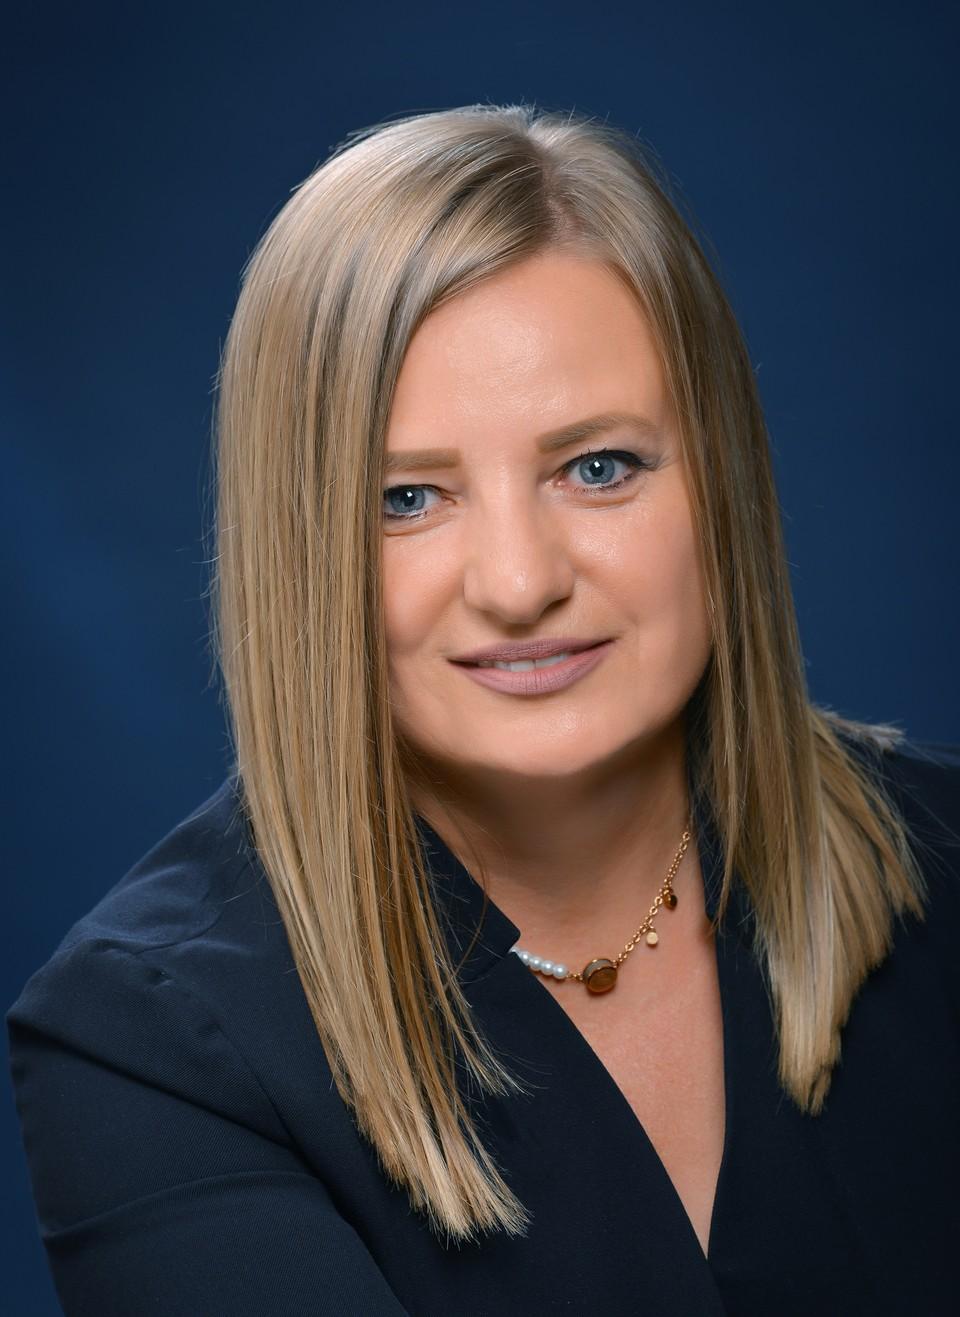 Ирина Дятлова, директор отделения Райффайзенбанка в Омске